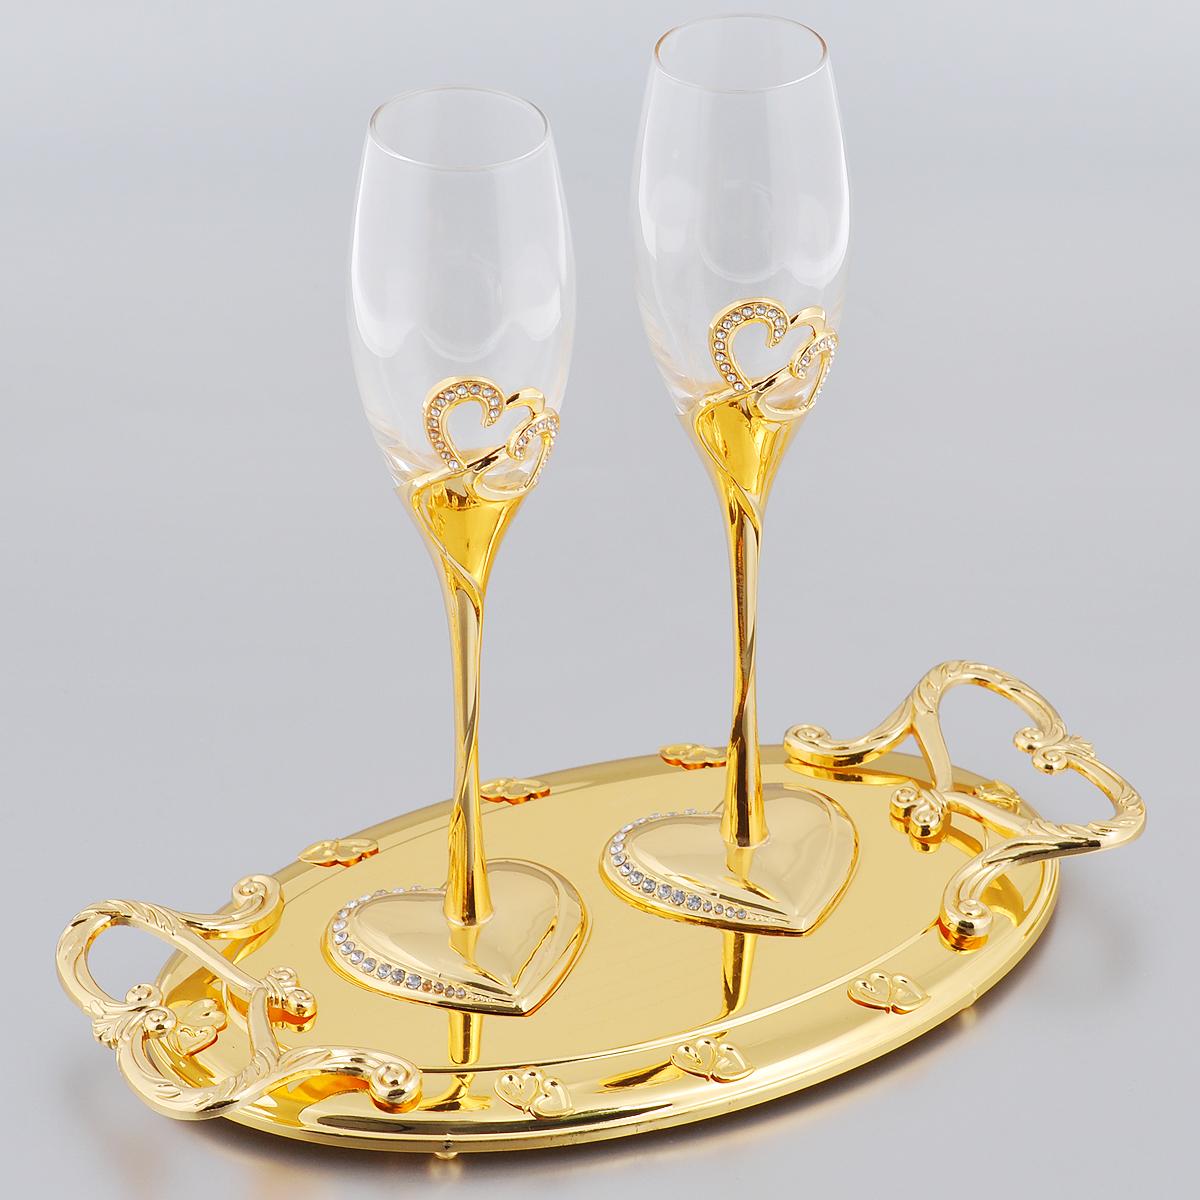 Набор бокалов Marquis Свадьба, на подносе, цвет: золотистый, 3 предмета. 2138-MRH8170Набор Marquis Свадьба состоит из двух бокалов для шампанского для молодоженов и подноса. Бокалы выполнены из стекла. Изящные тонкие ножки, выполненные из стали с серебряно-никелевым покрытием, оформлены перфорацией в виде двух сплетенных сердец, инкрустированных стразами. Основание в виде сердца также оформлено стразами. Овальная подставка с ручками, украшенная гравировкой и рельефом, прекрасно дополняет набор. Такой набор принесет особую атмосферу торжества и праздника.